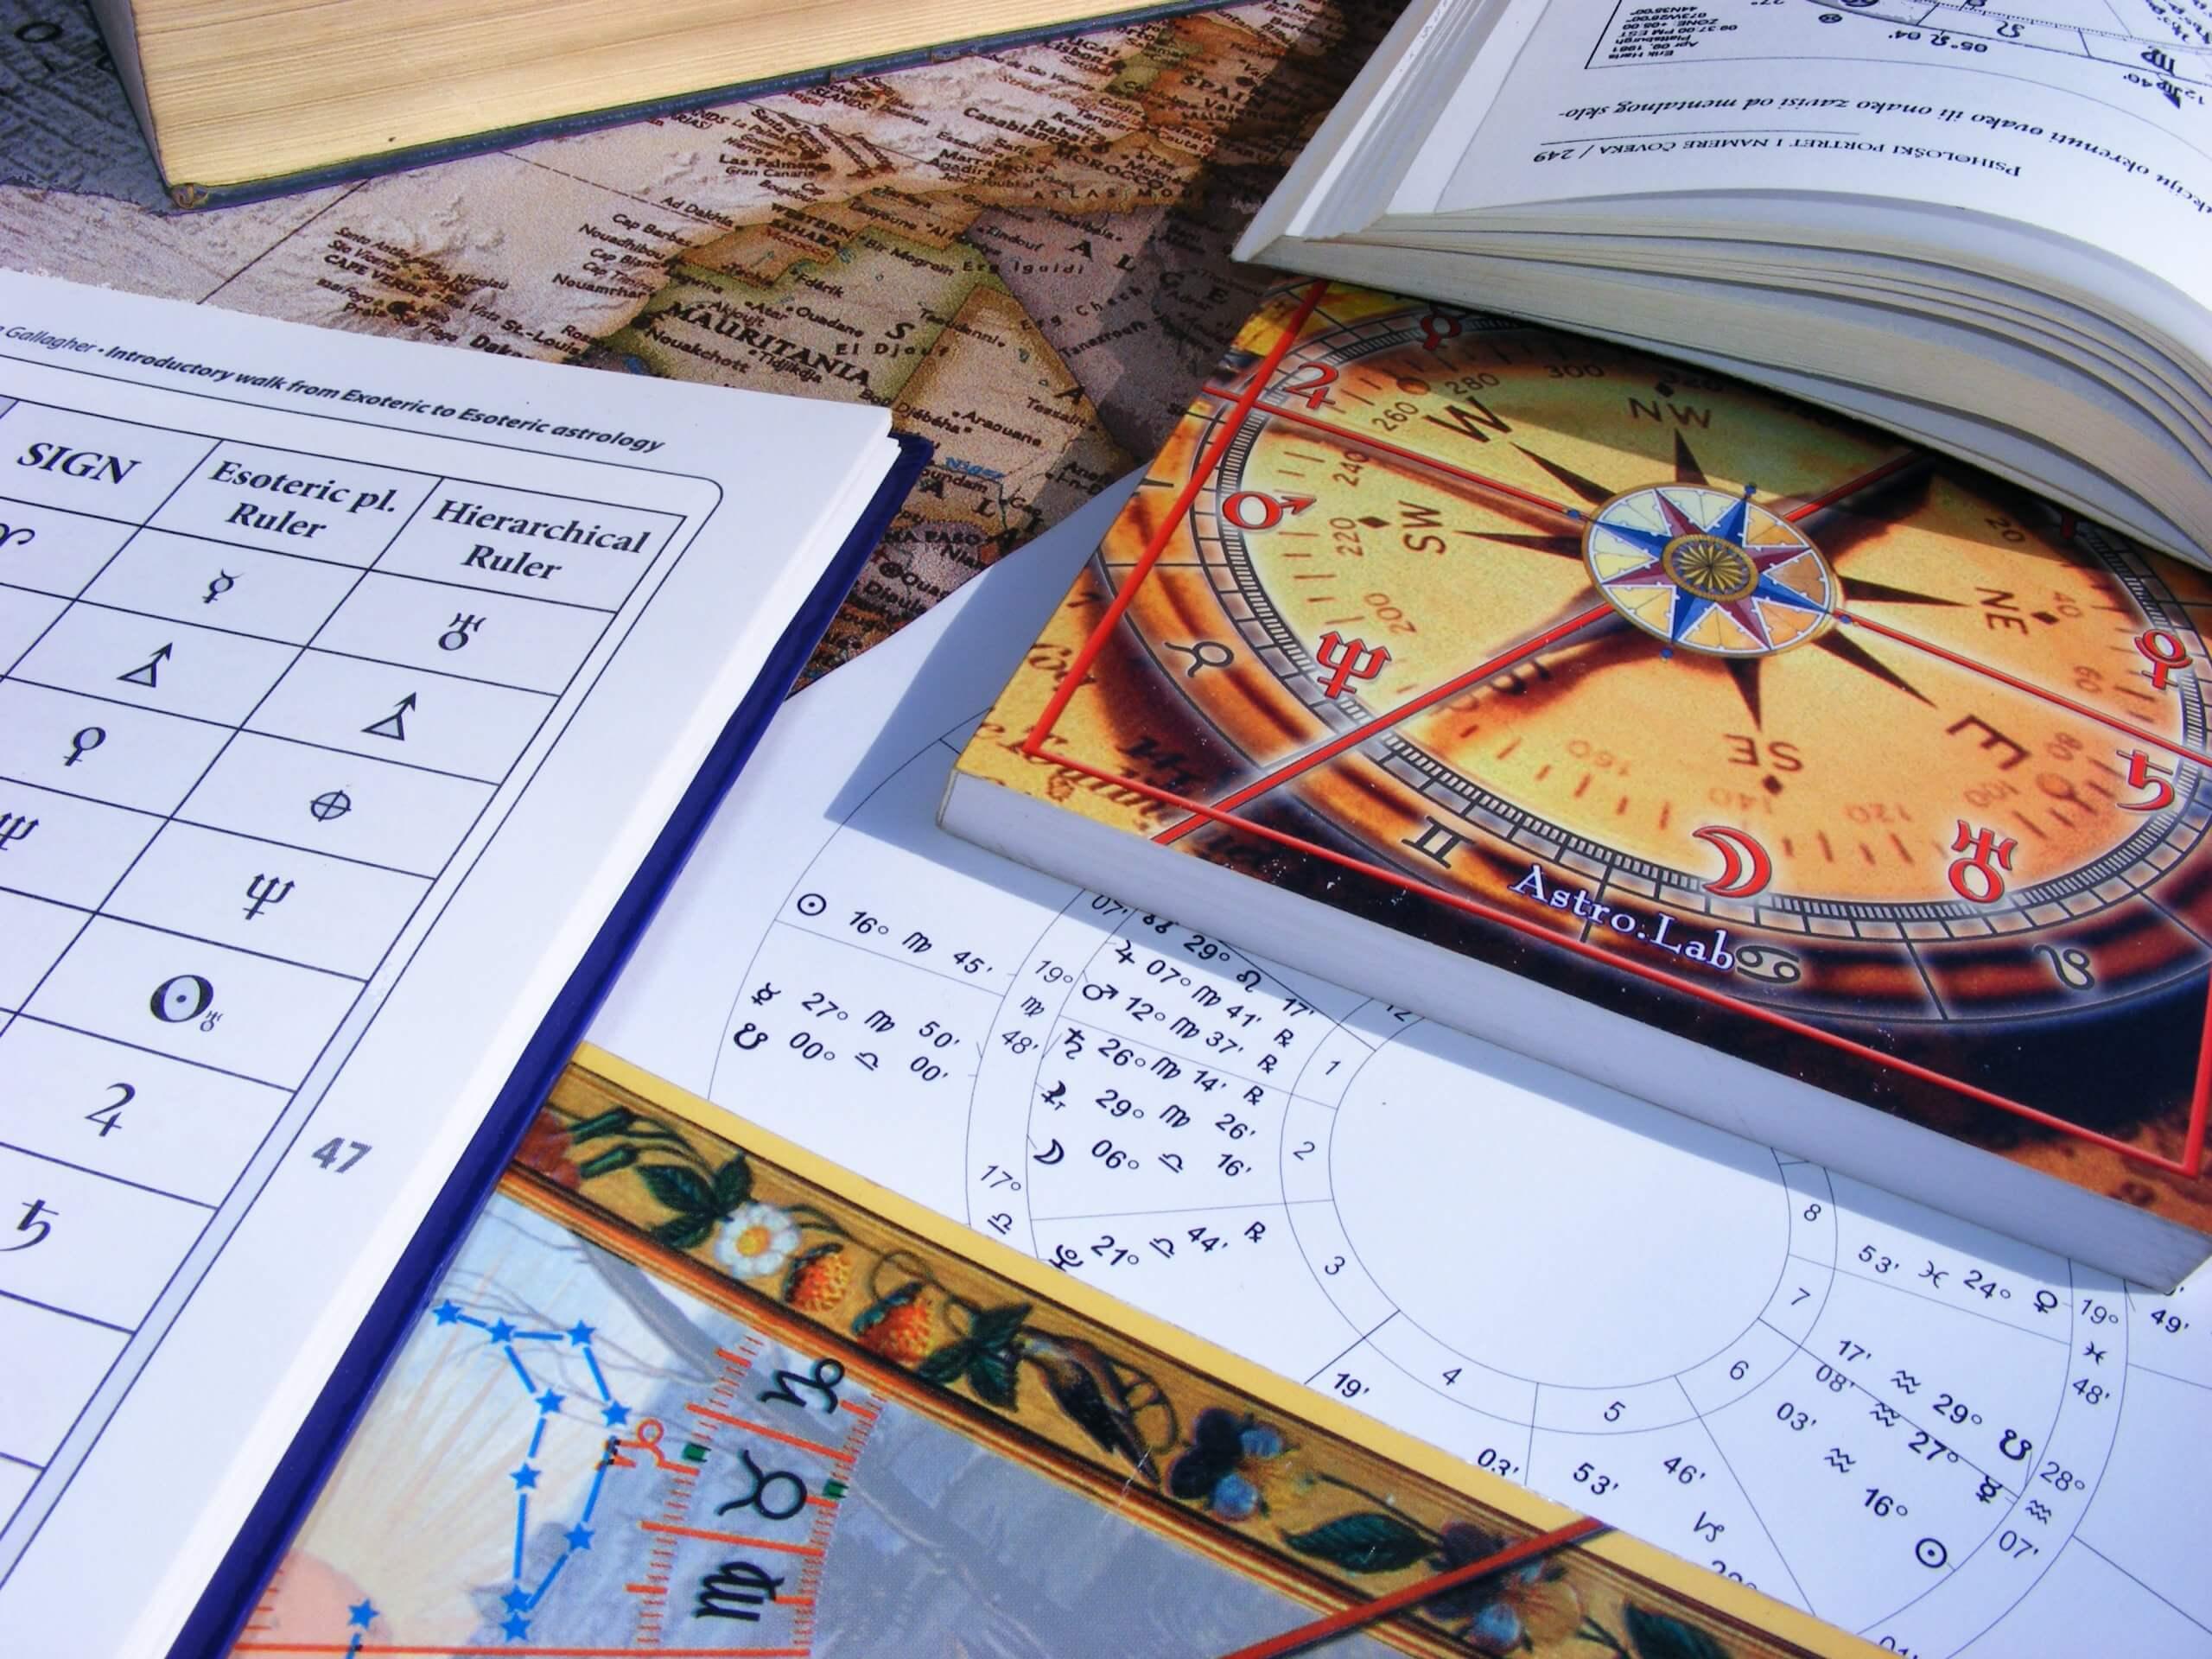 Psychologische Astrologie und Horoskop-Interpretation